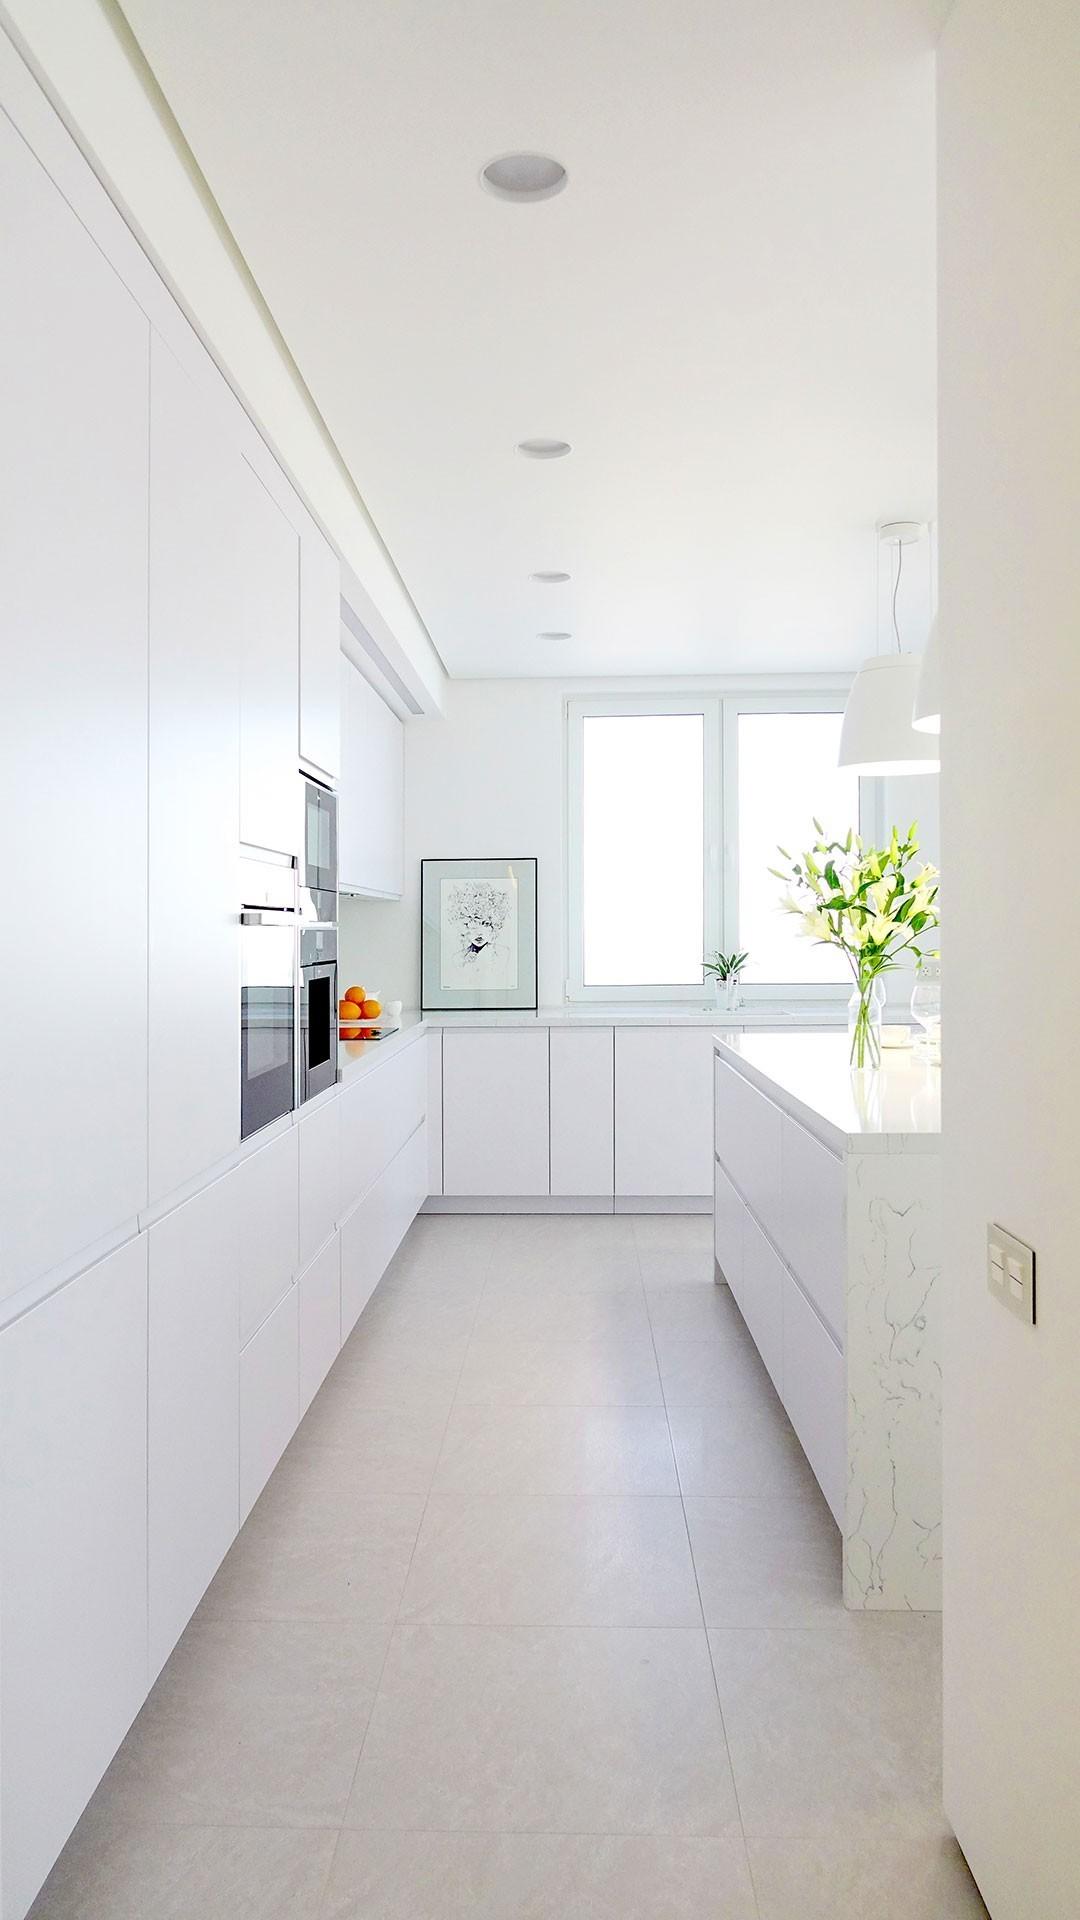 Iluminación de cocina minimalista con encanto con luminarias arkoslight en qmadis